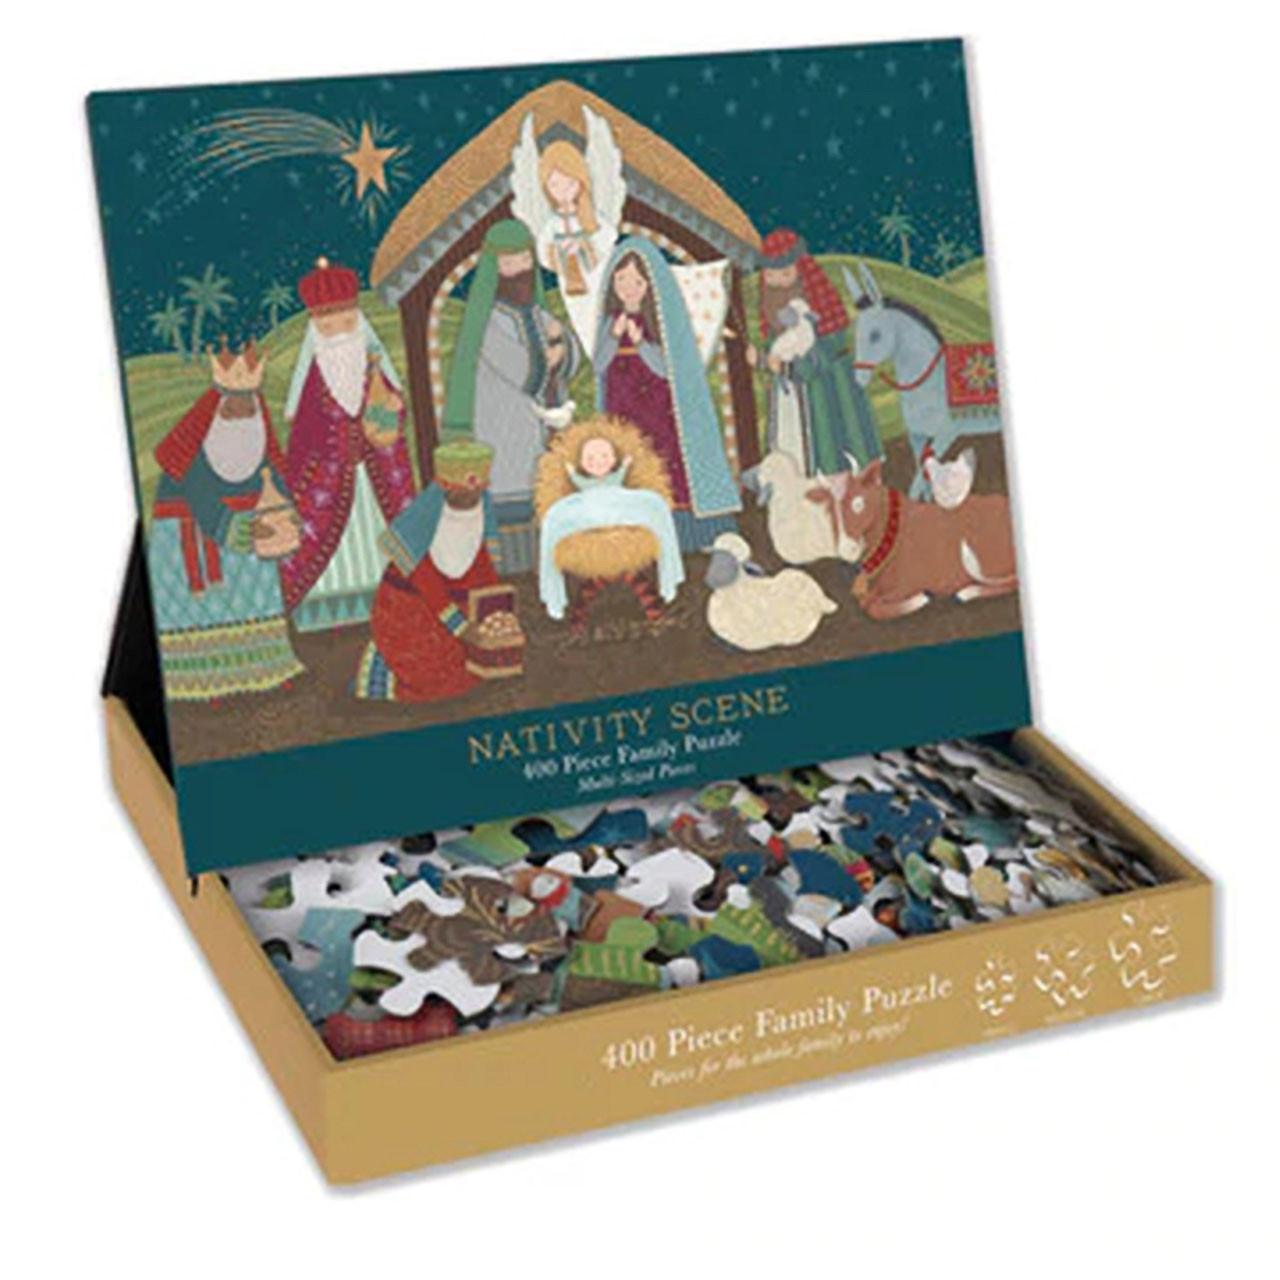 400 Pc Nativity Family Puzzle